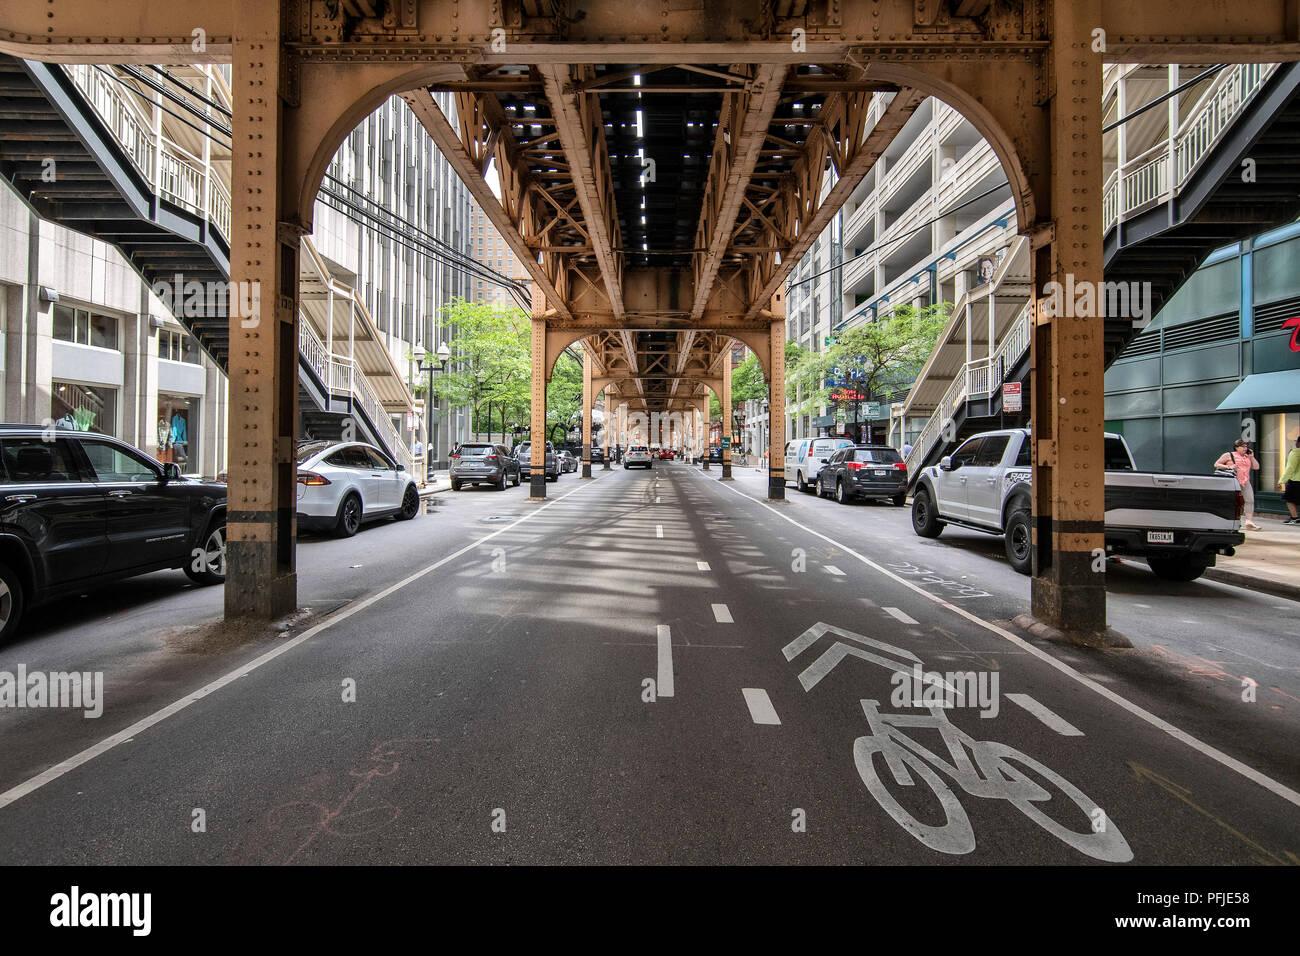 El centro de Chicago, el L elevada pistas en el Loop de Chicago, Chicago. Imagen De Stock